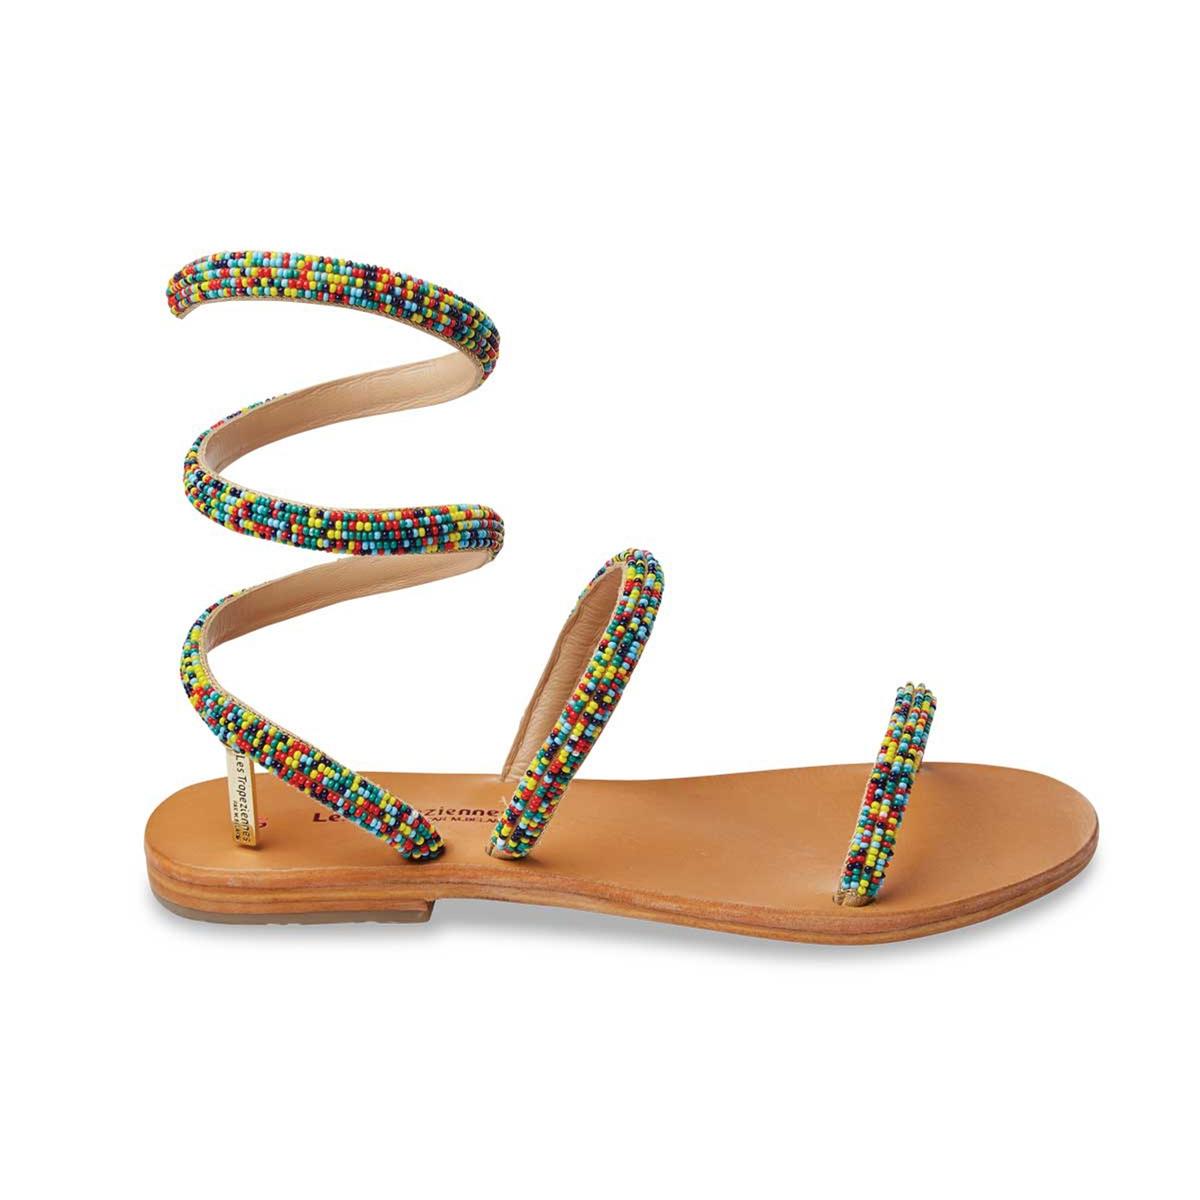 Сандалии плоские  OlgaВерх/Голенище: Синтетика  Подкладка: Кожа.  Стелька: Кожа.  Подошва: Кожа.   Форма каблука: Плоский каблук.  Мысок: Закругленный.  Застежка: Без застежки.<br><br>Цвет: разноцветный,черный<br>Размер: 40